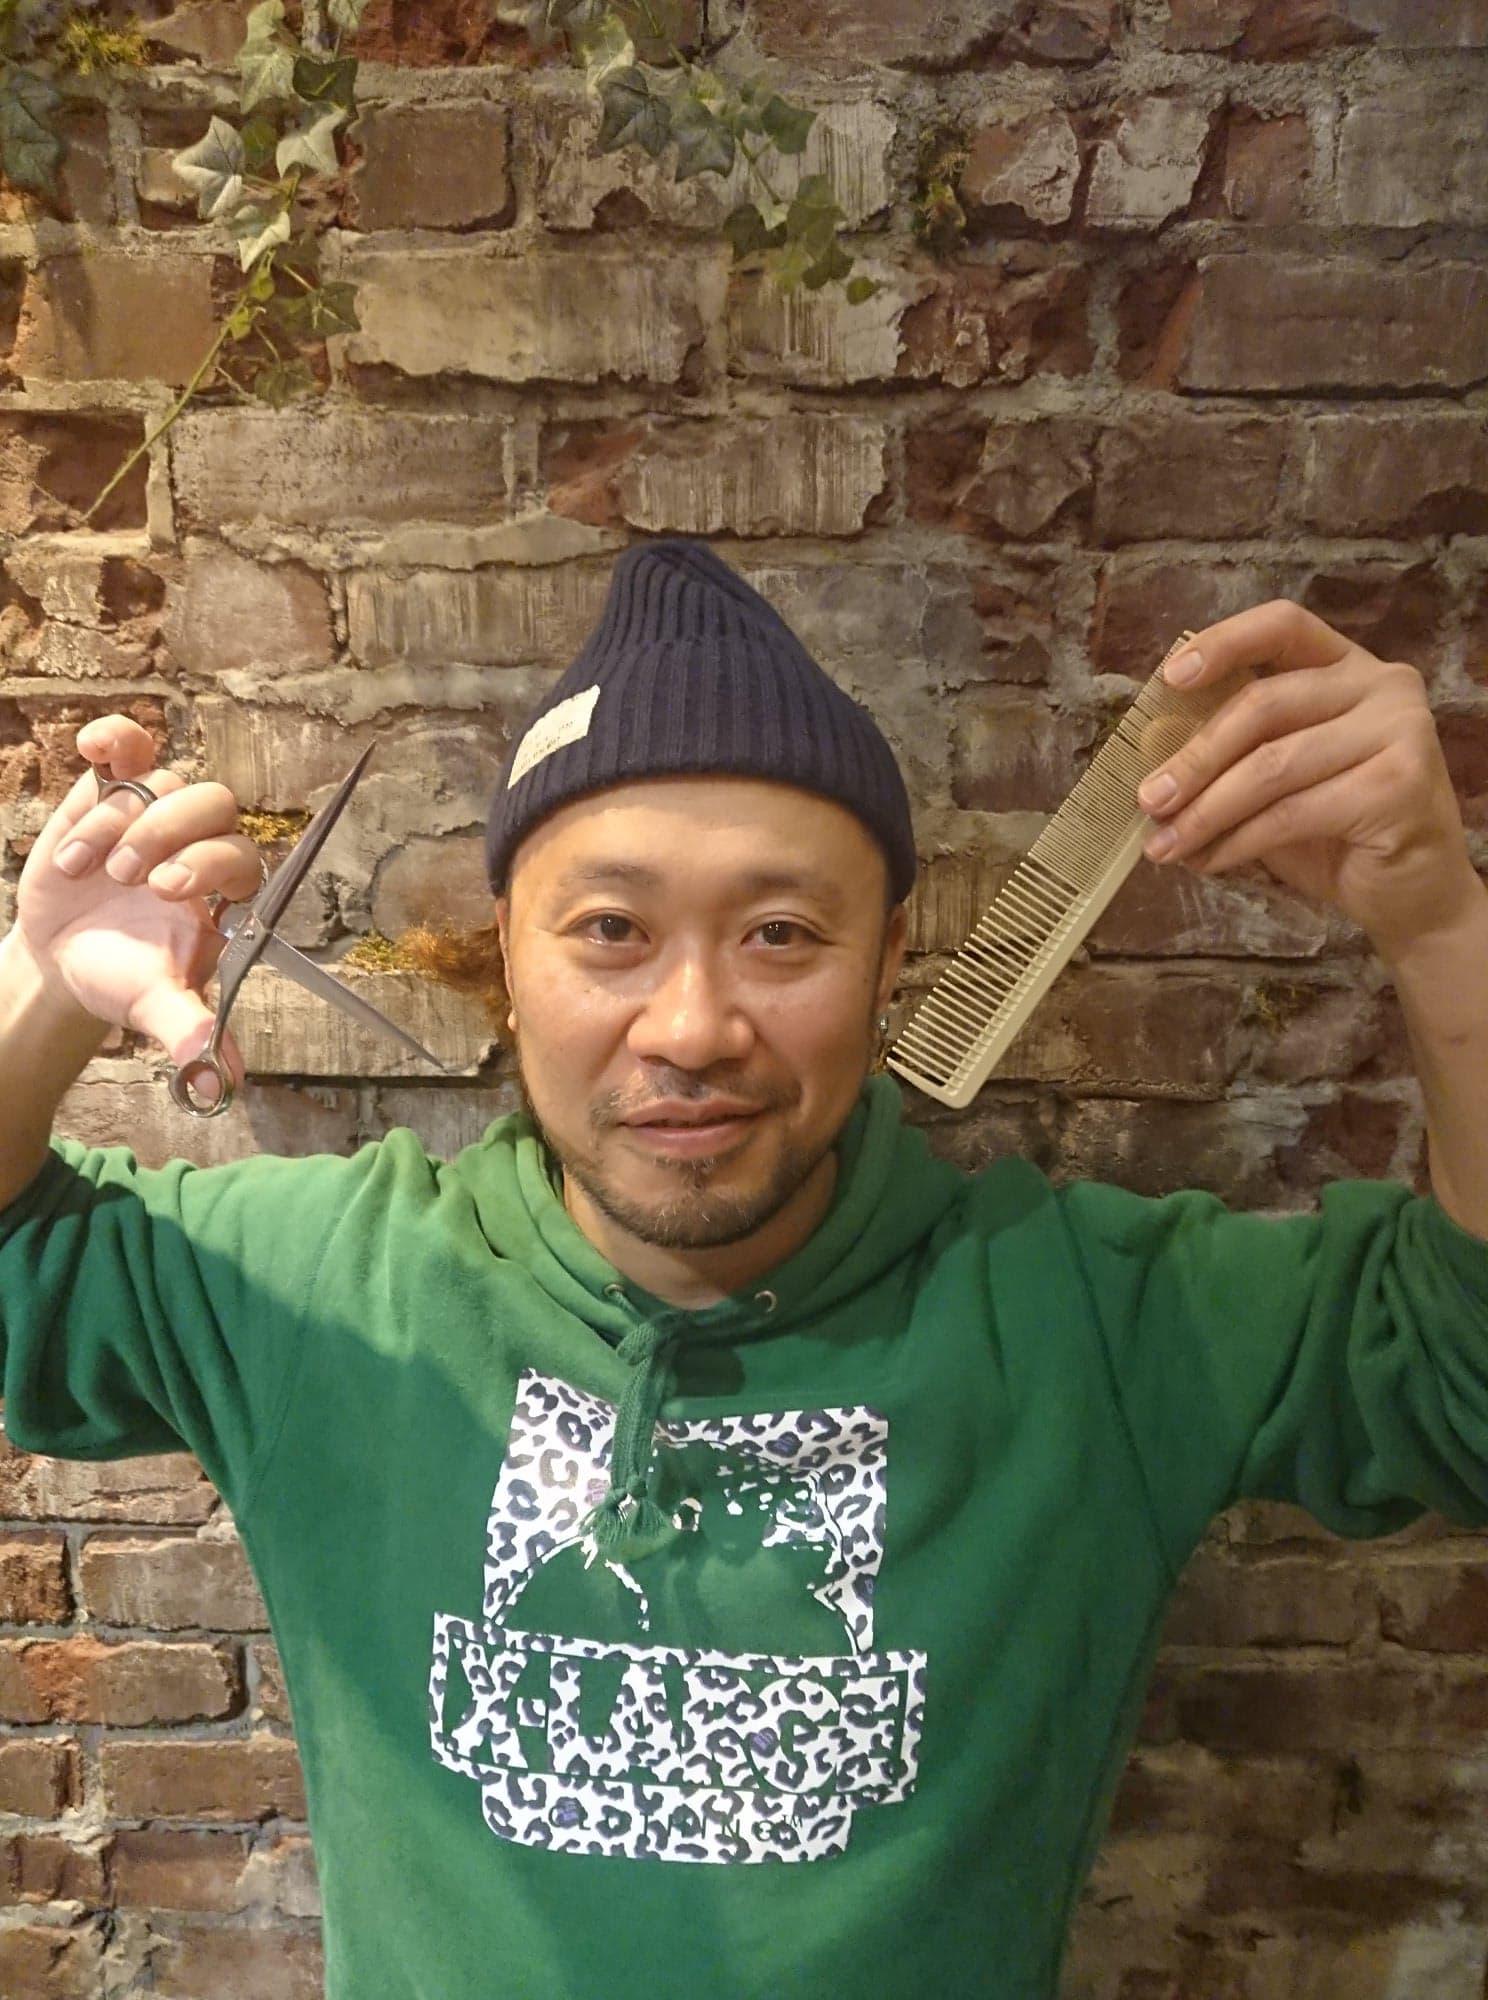 紙谷大介 美容師 久米川 八坂 美容院